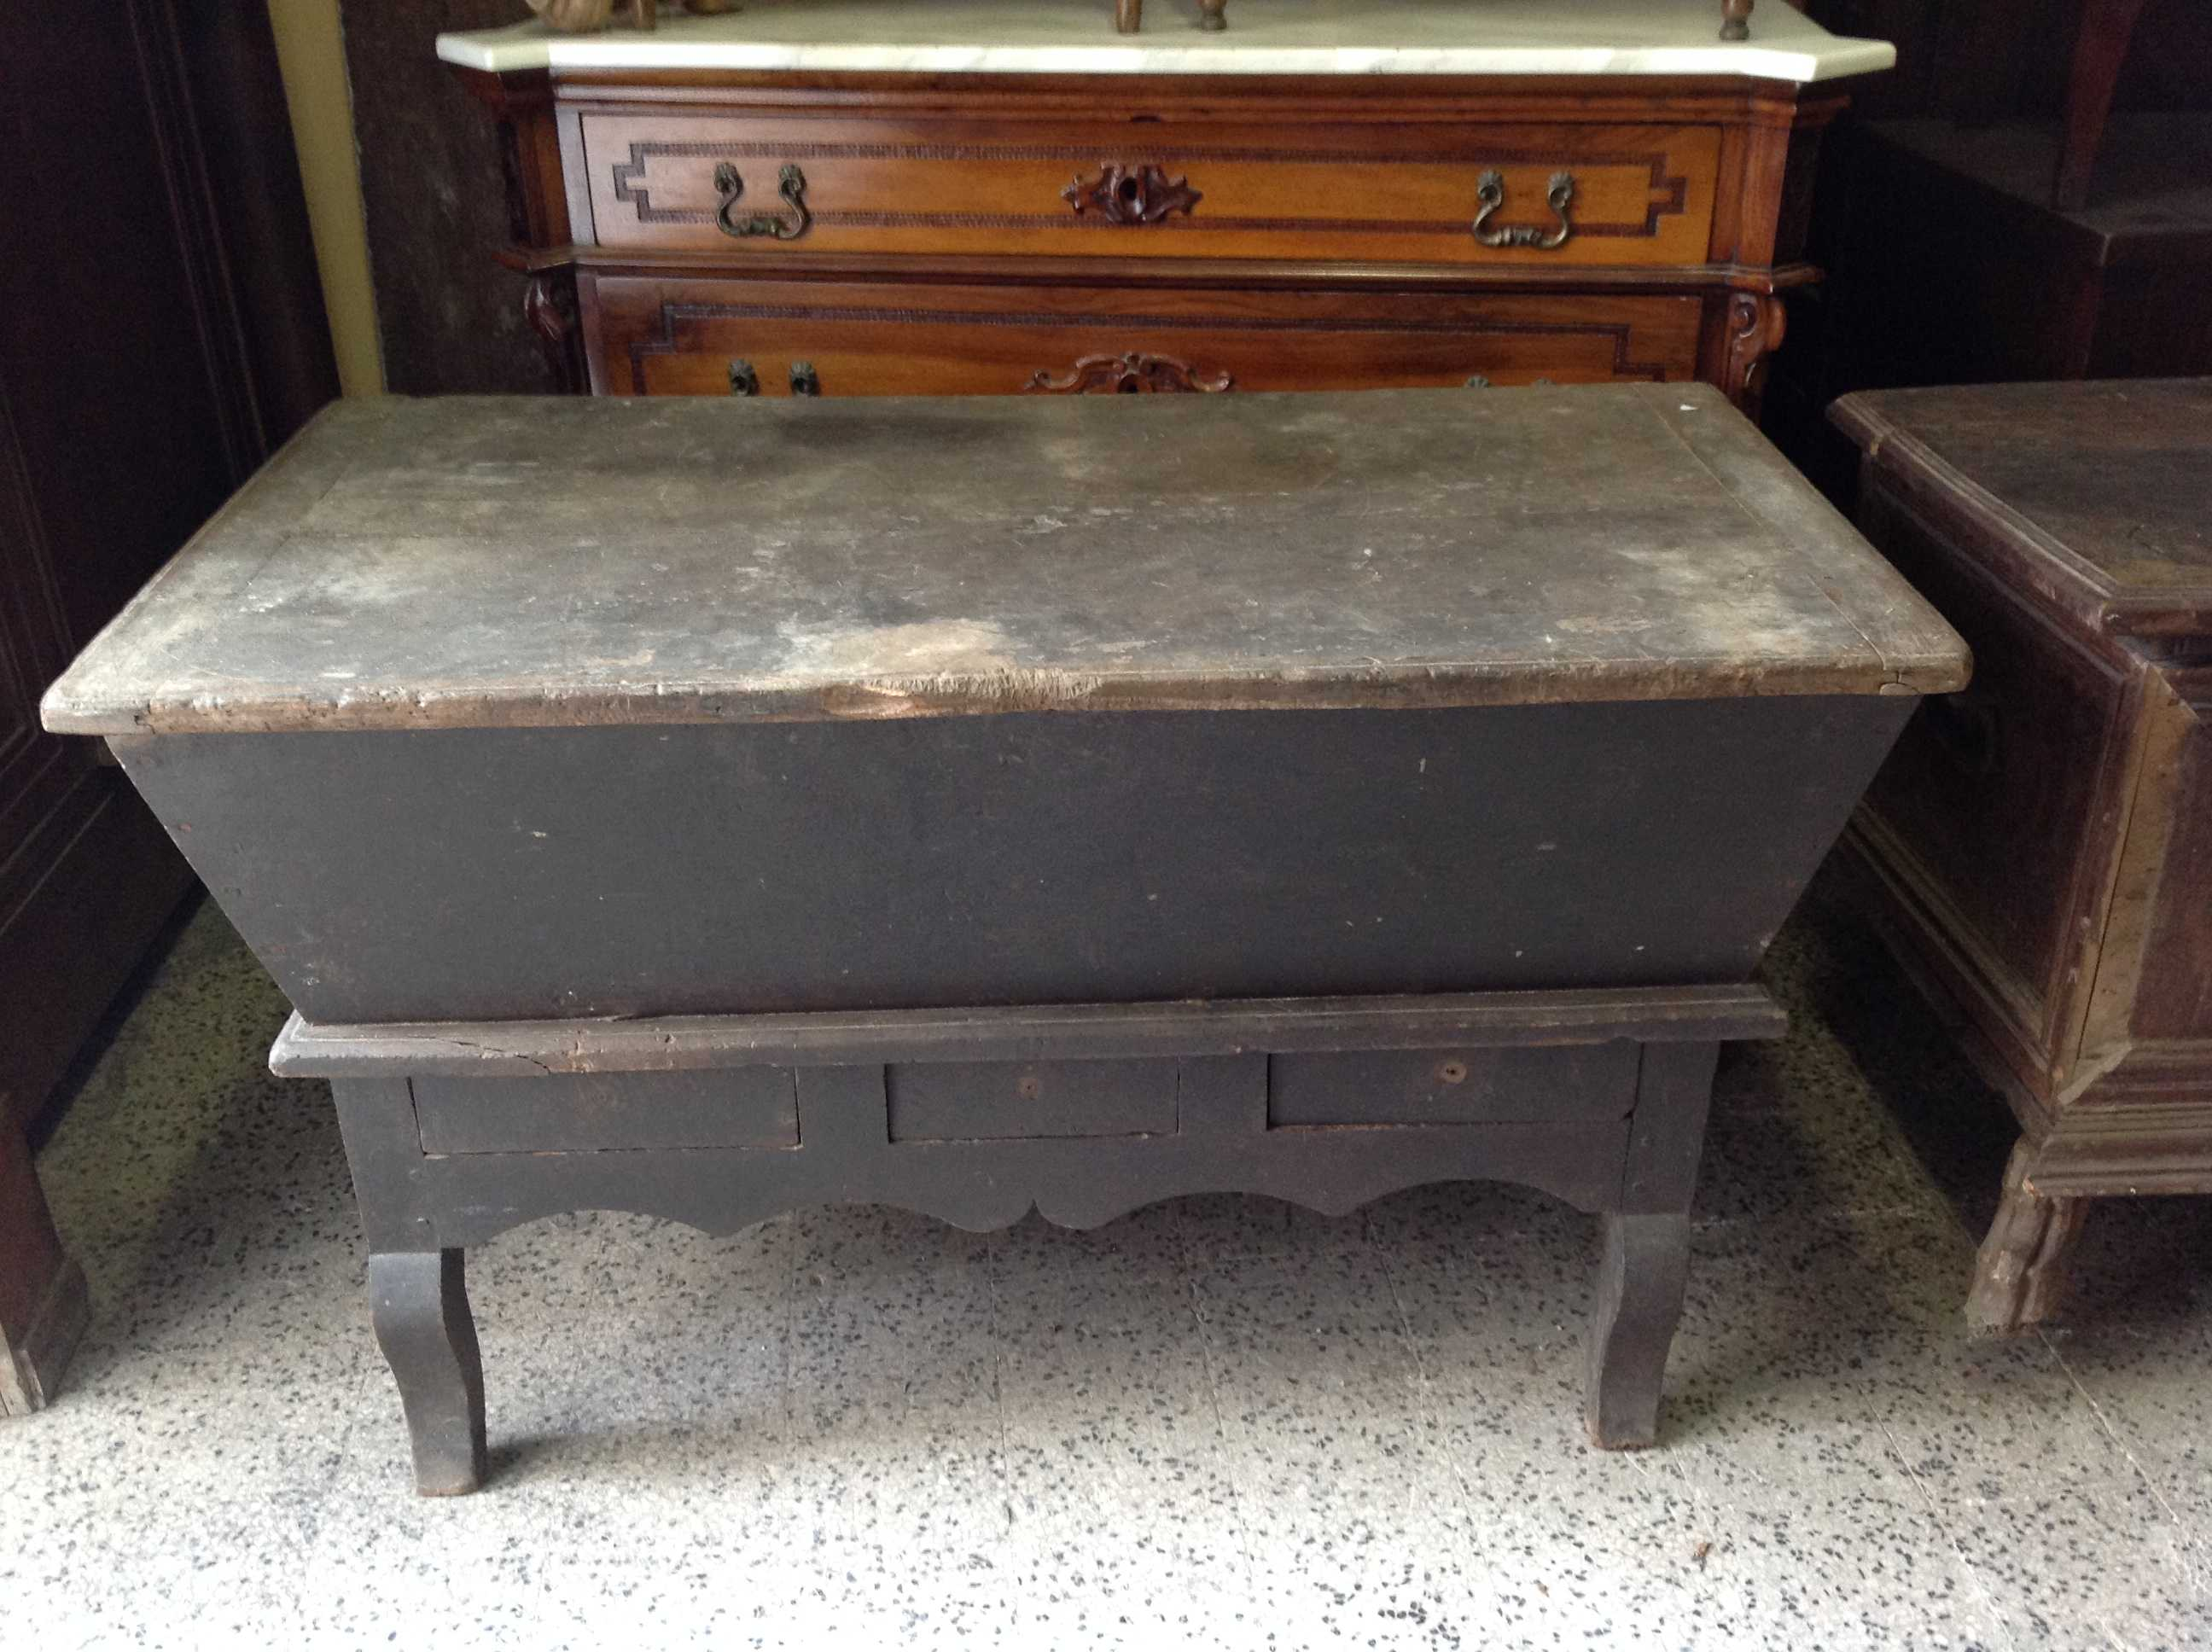 Antica madia arredamento mobili antiquariato musetti for Ebay arredamento antiquariato